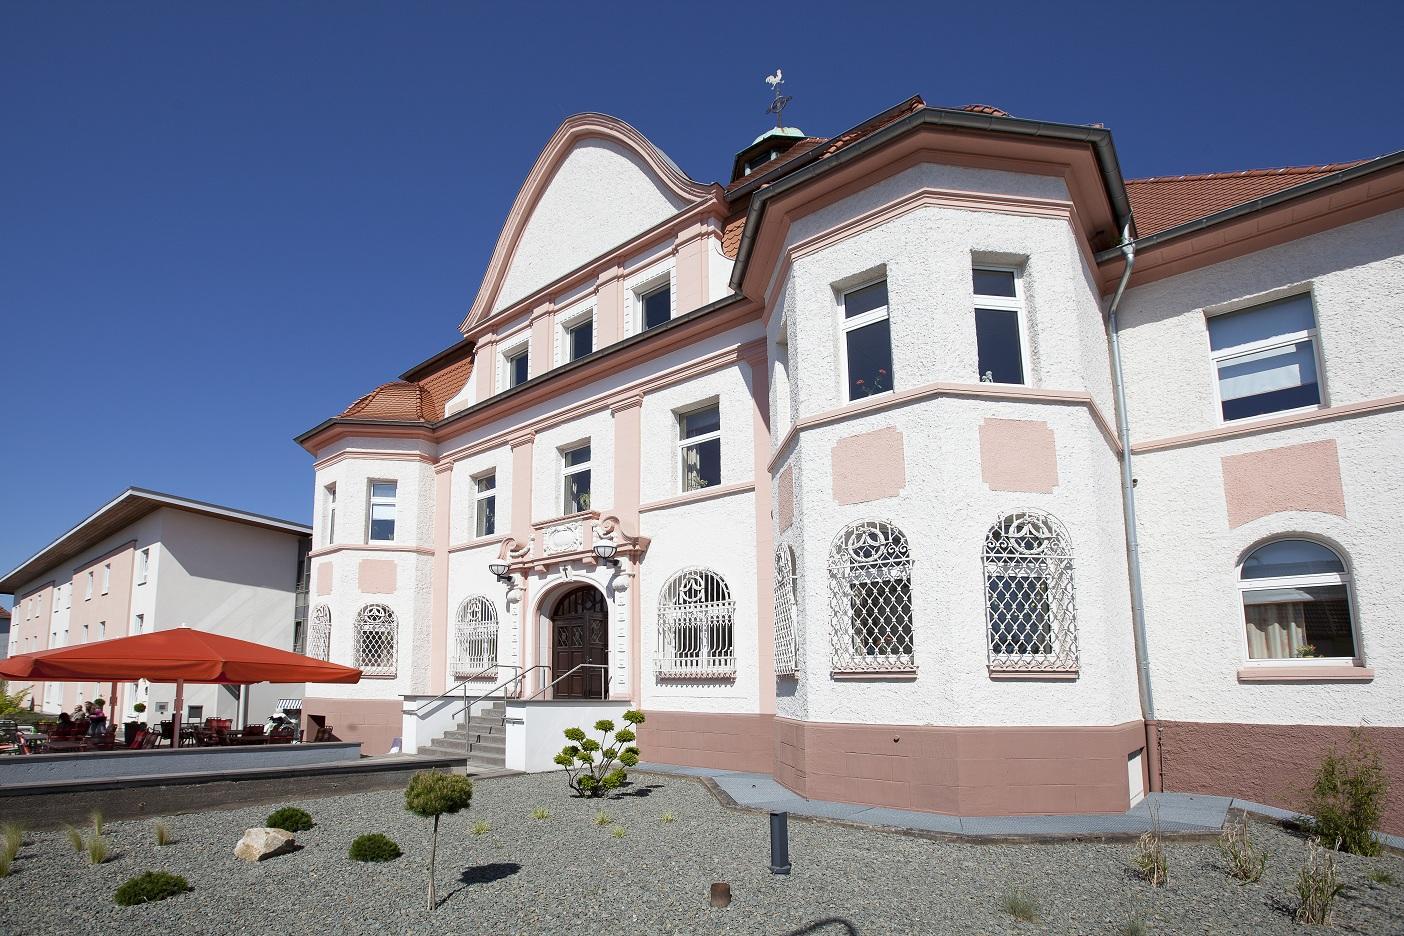 St. Vincenz Alten- und Pflegeheim